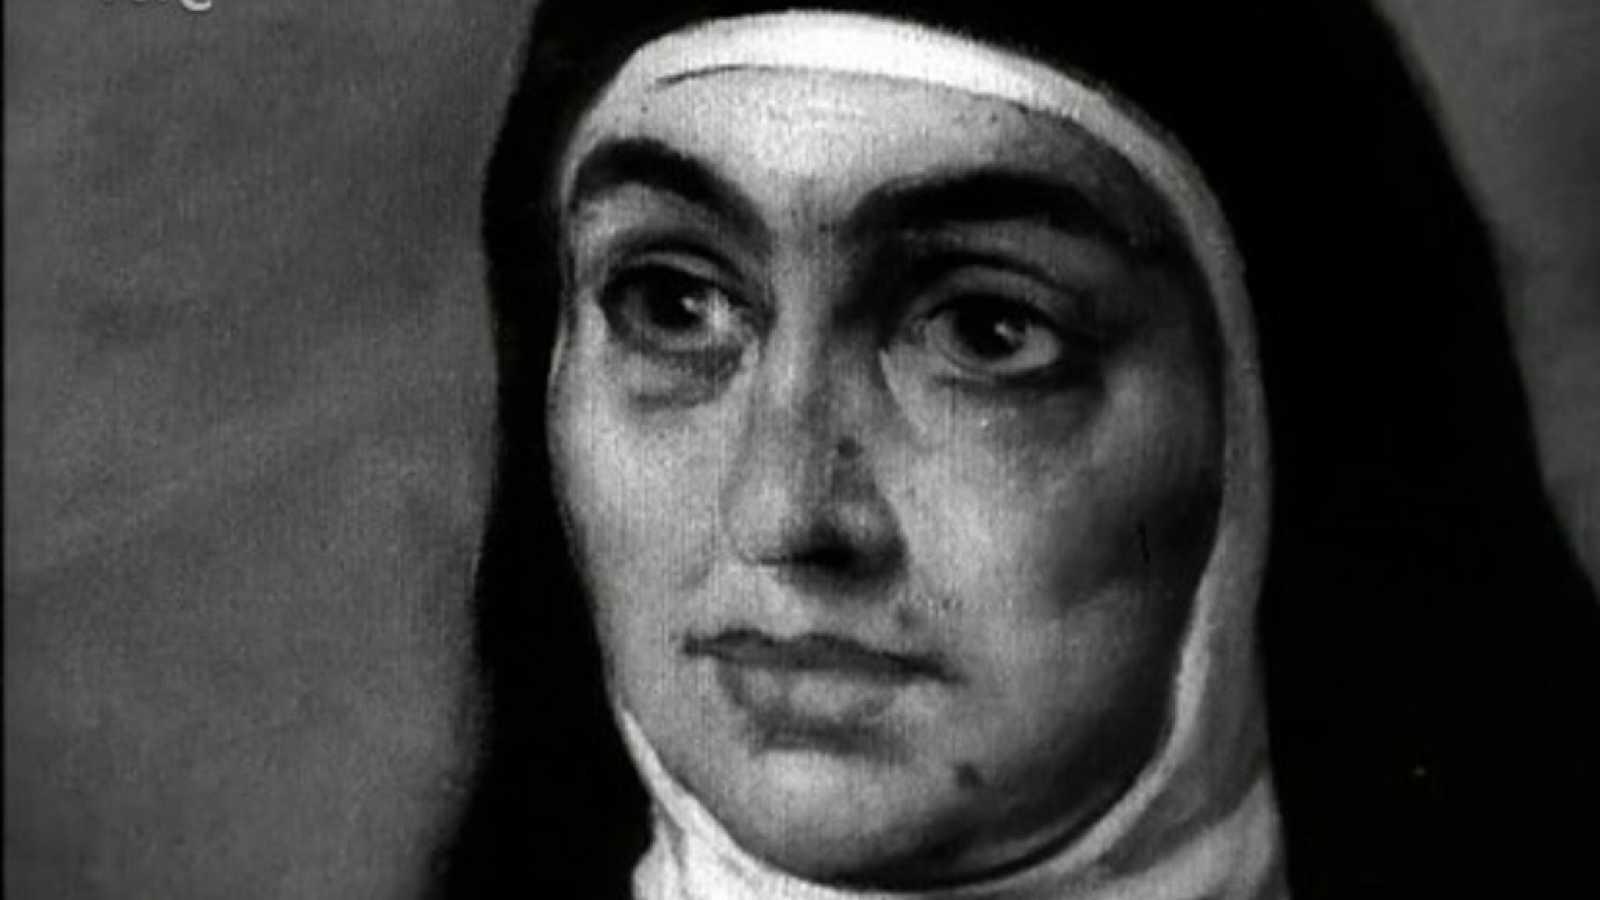 La víspera de nuestro tiempo - Ávila mística de Santa Teresa